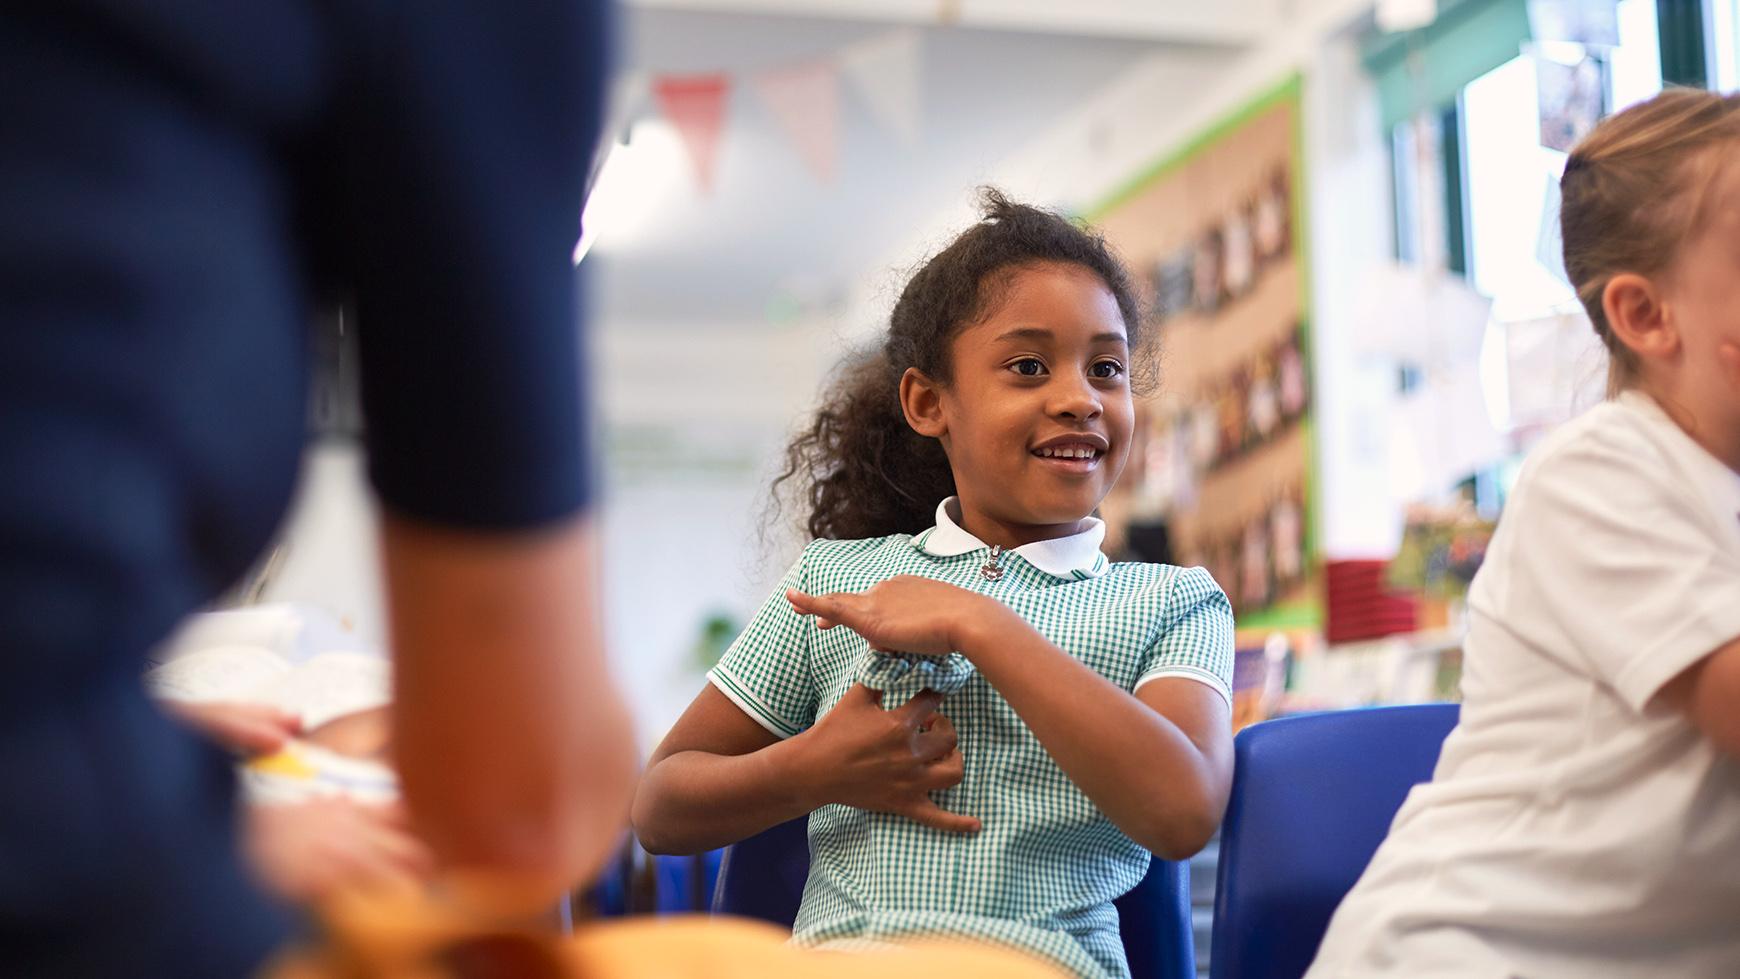 Trẻ em sẽ trở nên chủ động trong mọi hoạt động nhờ vào các chương trình học tiếng Anh